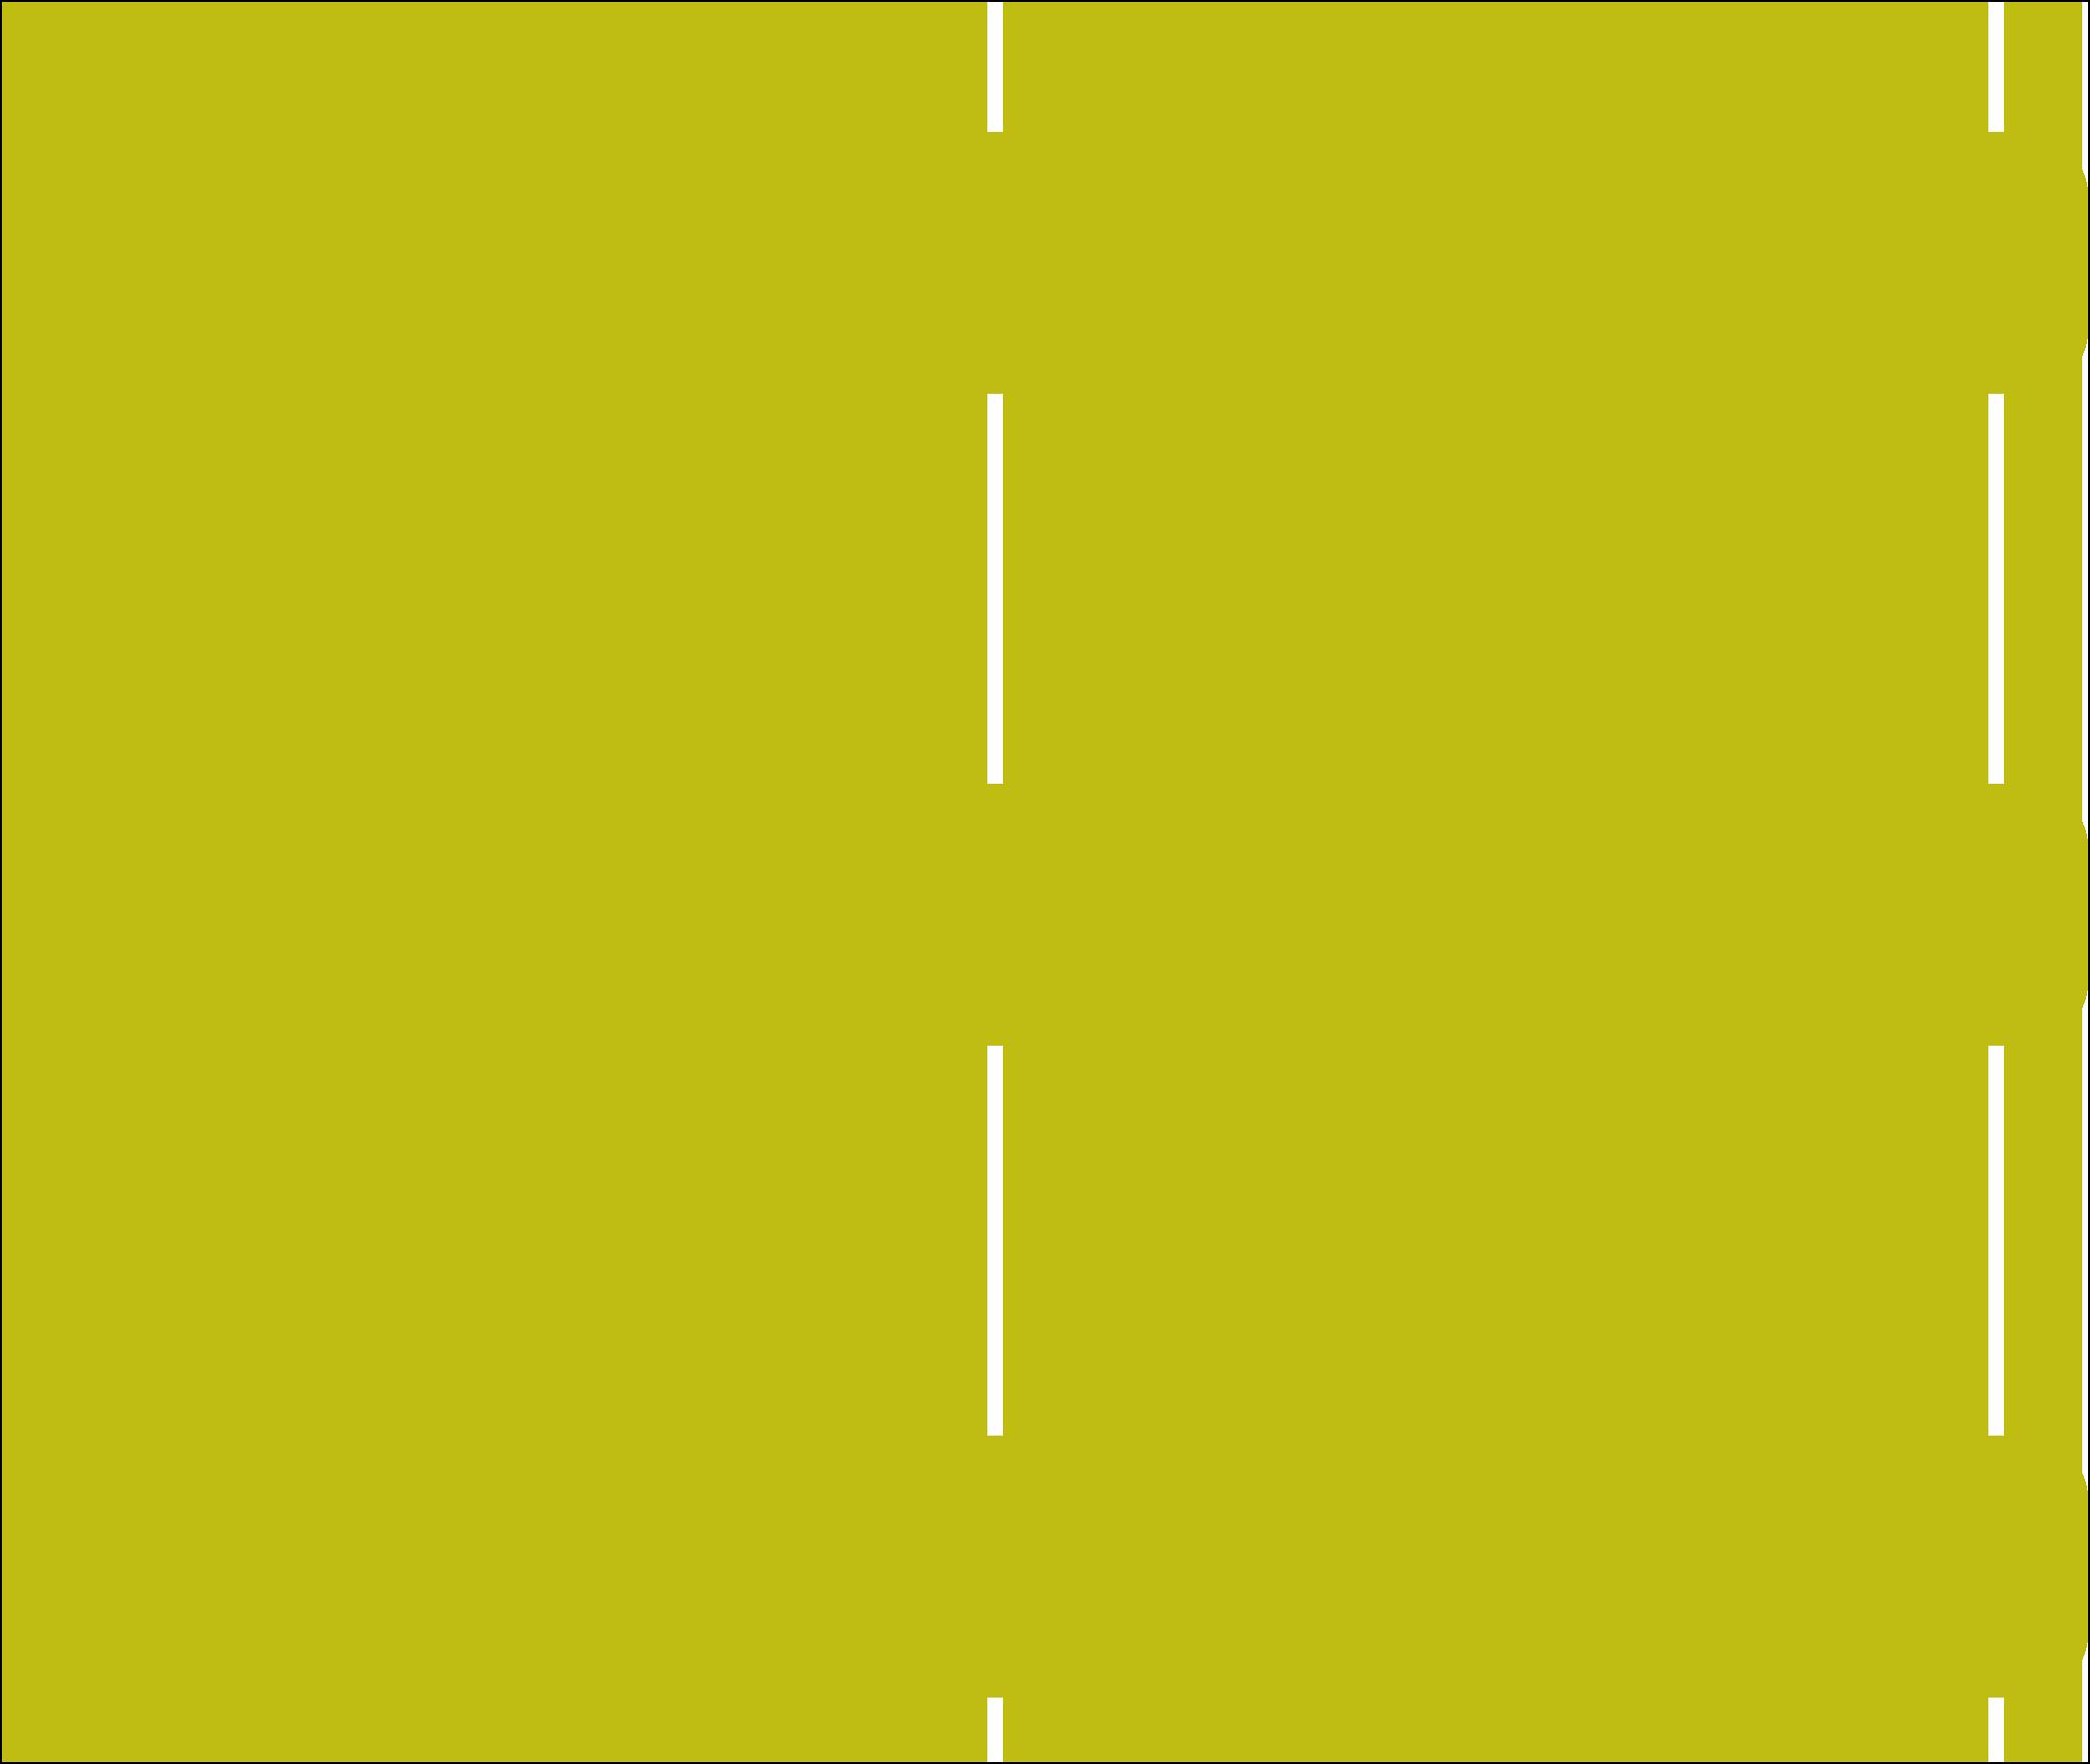 TEMA-Q GmbH_Grafik Liste als Symbol für alle positiven und negativen Eigenschaften eines Produkts, die mit Deep Dive CX Products mithilfe der Voice of Customer erkannt werden